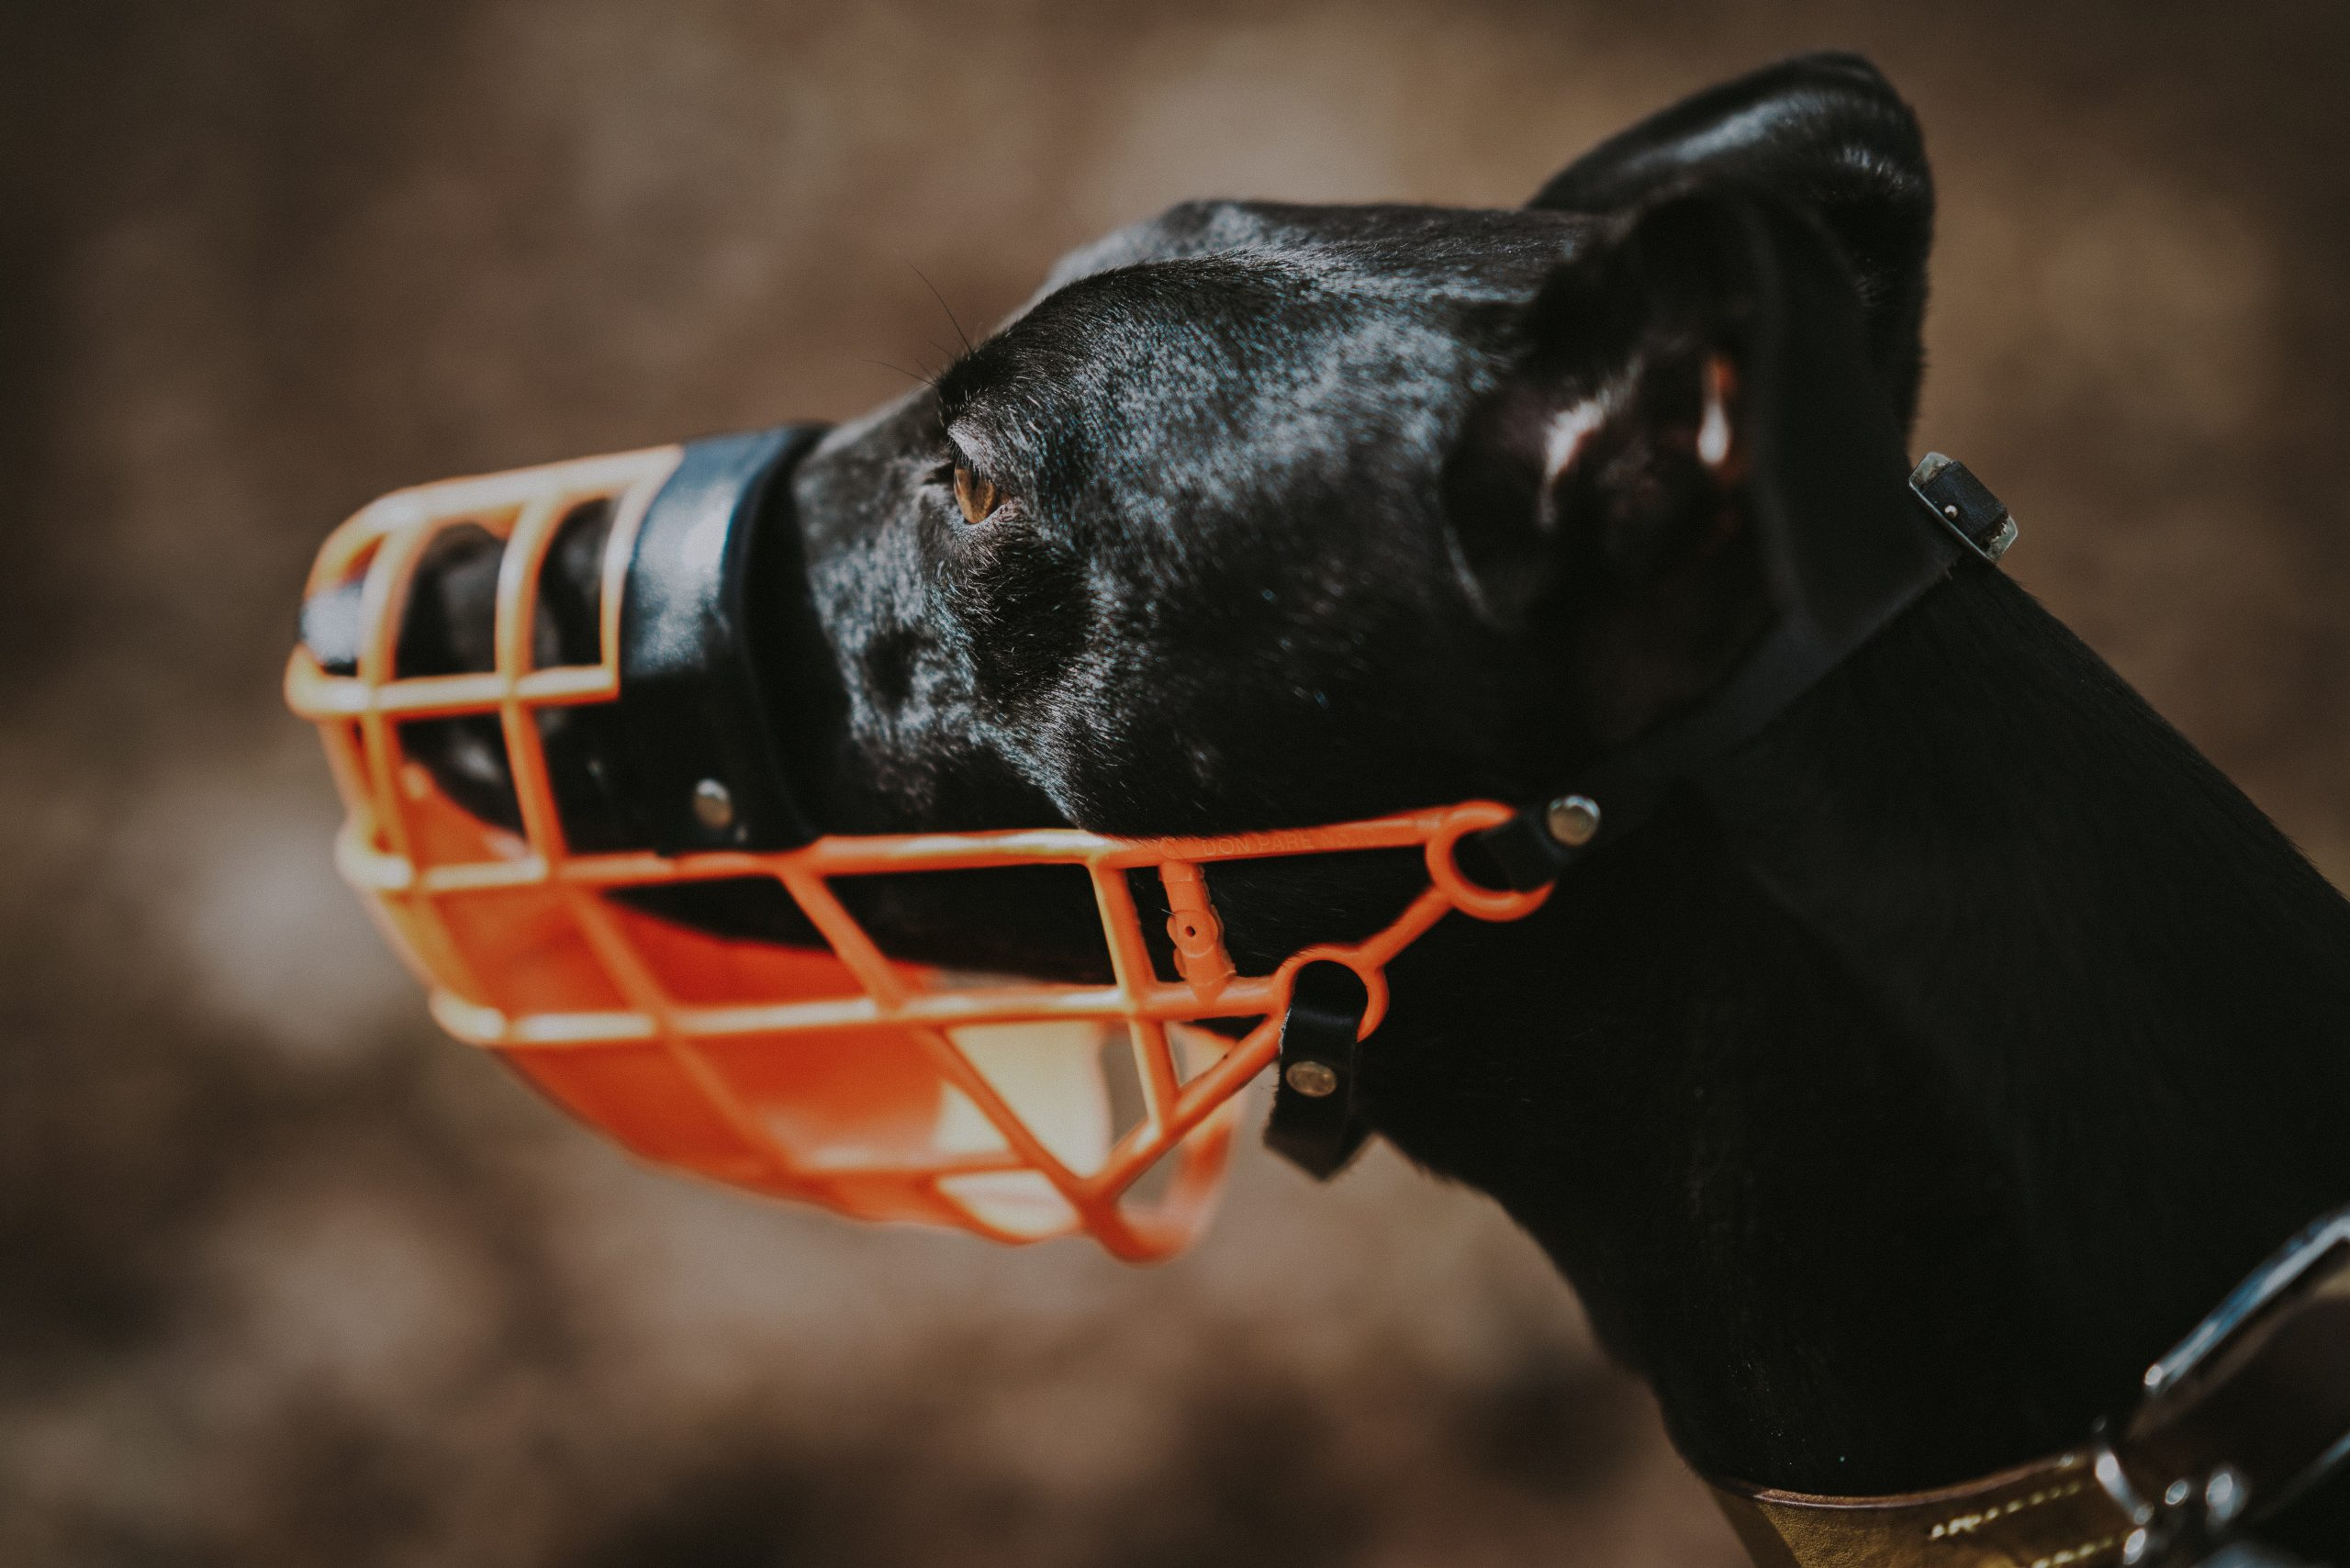 Museruole per cani: quando usarle?